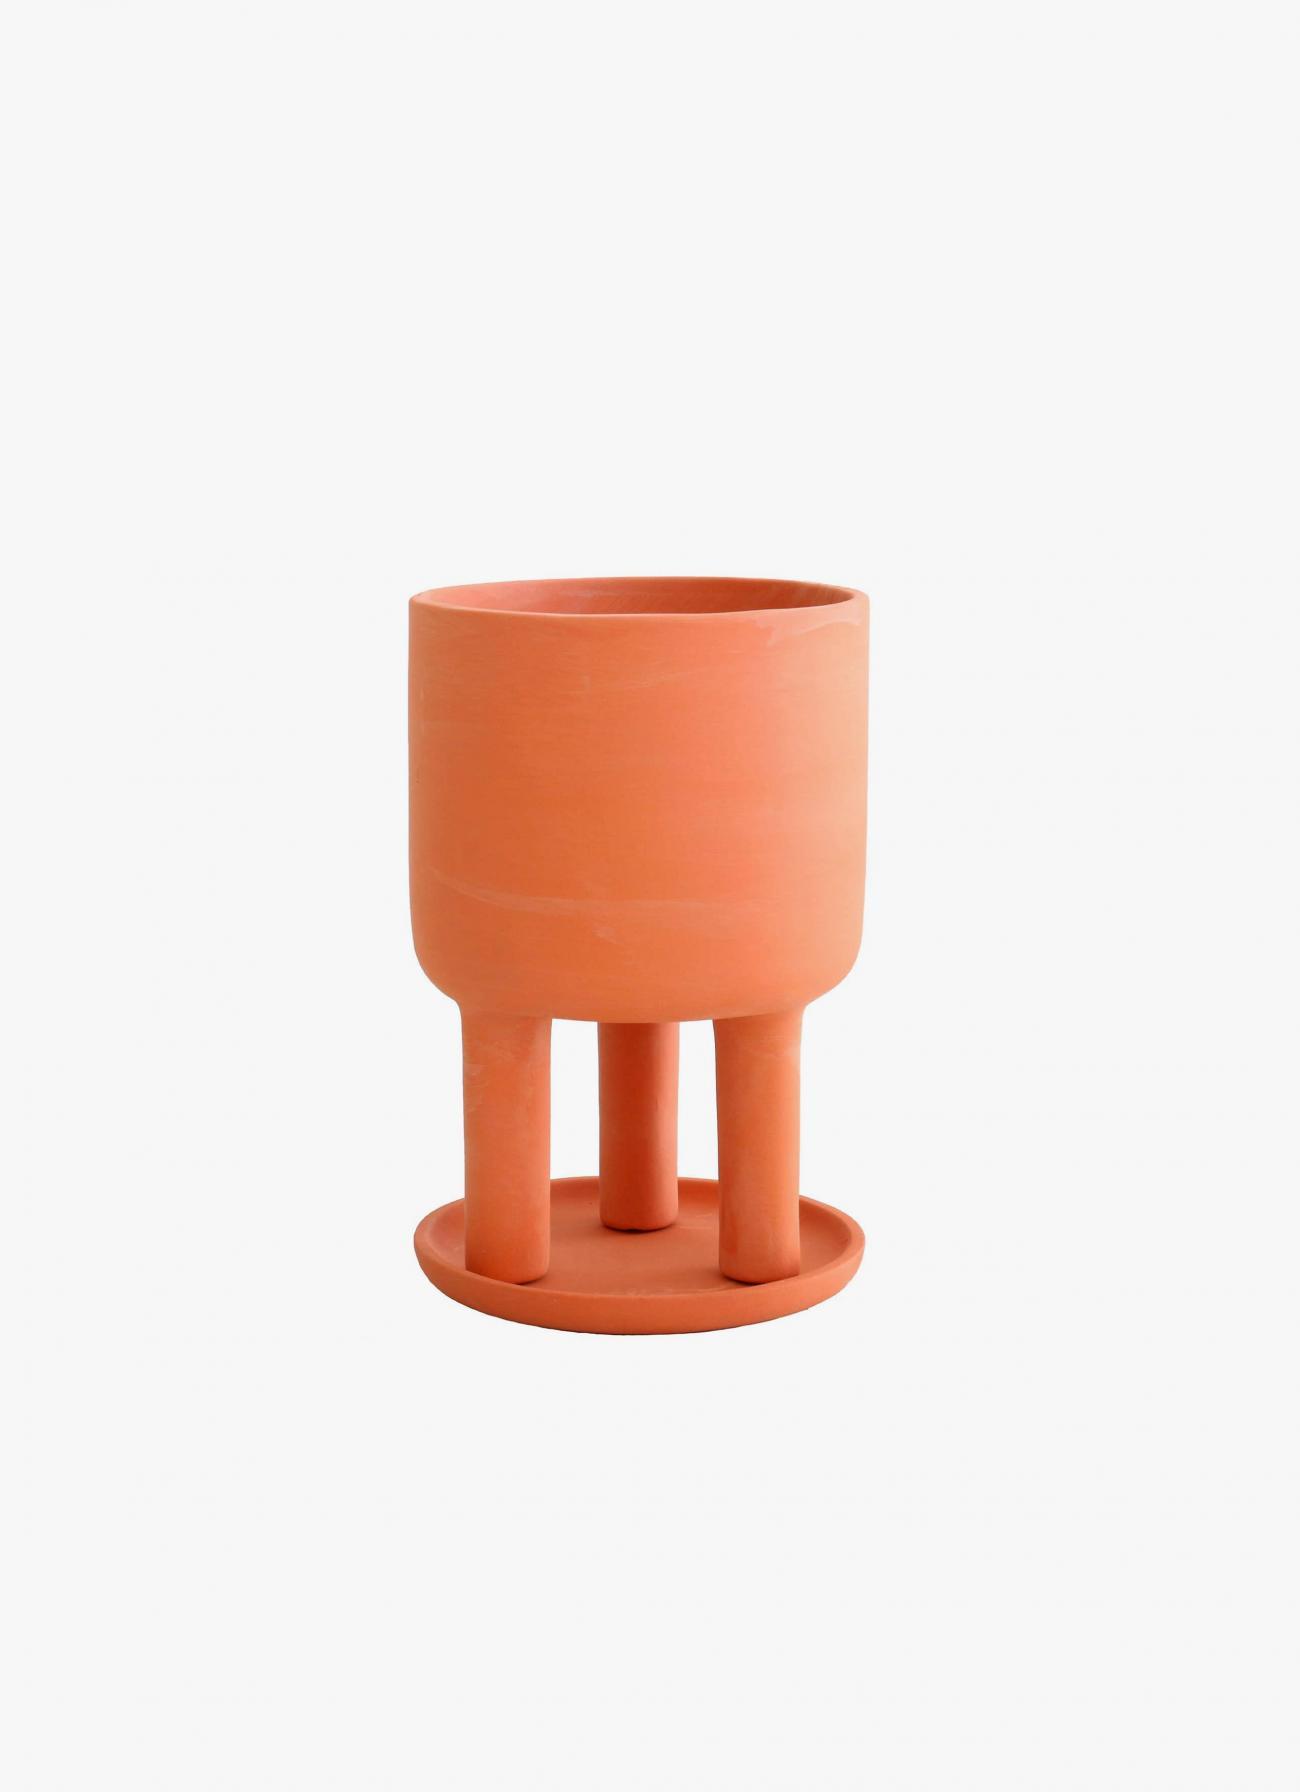 Studio Arhoj - Tri-Pot - Small